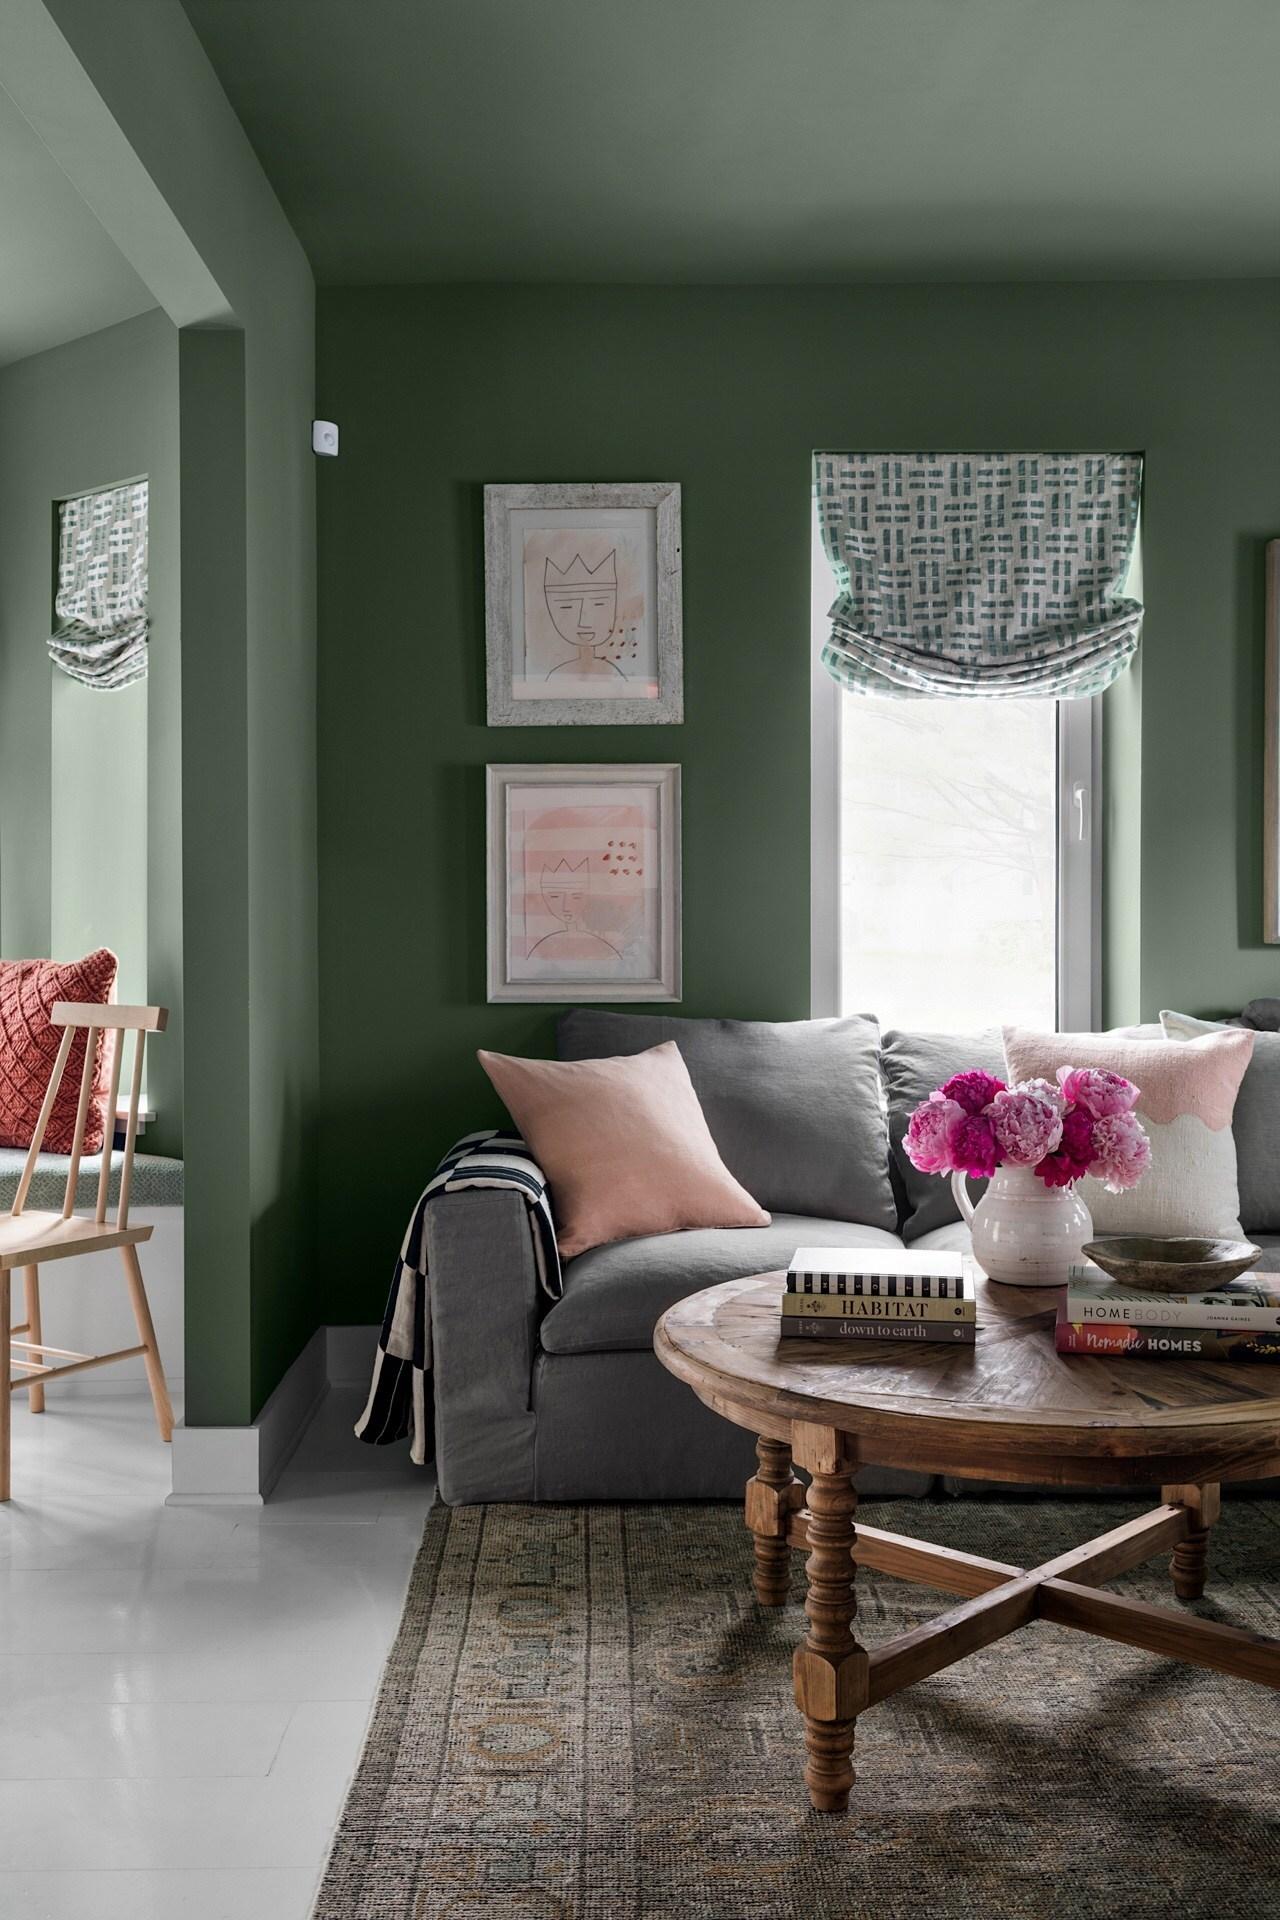 Căn nhà cấp 4 với nội thất dung dị nên thơ giữa khung cảnh xanh mát của vườn cây yên bình xung quanh - Ảnh 8.